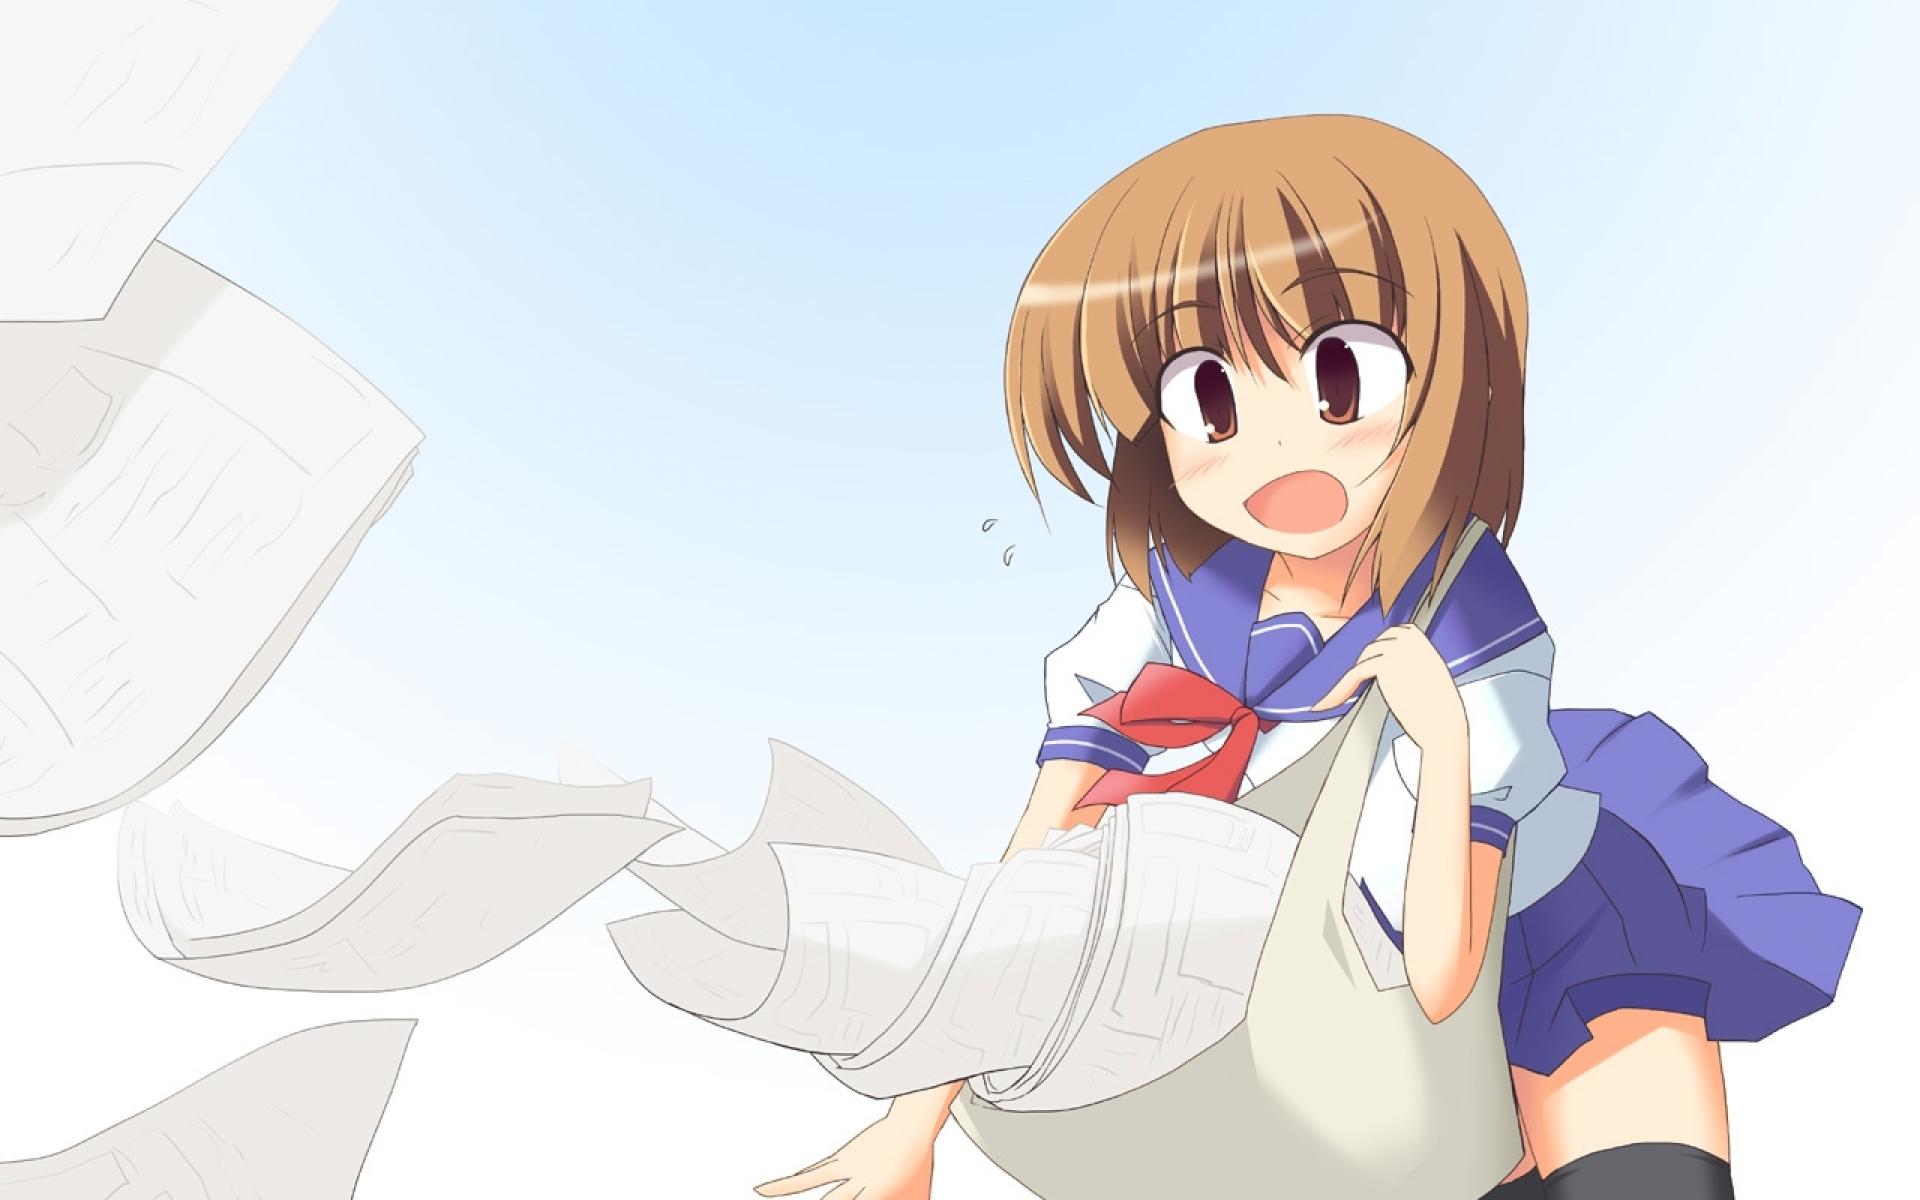 Картинки Nakamachi kana, девушка, почтальон, неуклюжесть, бумага фото и обои на рабочий стол